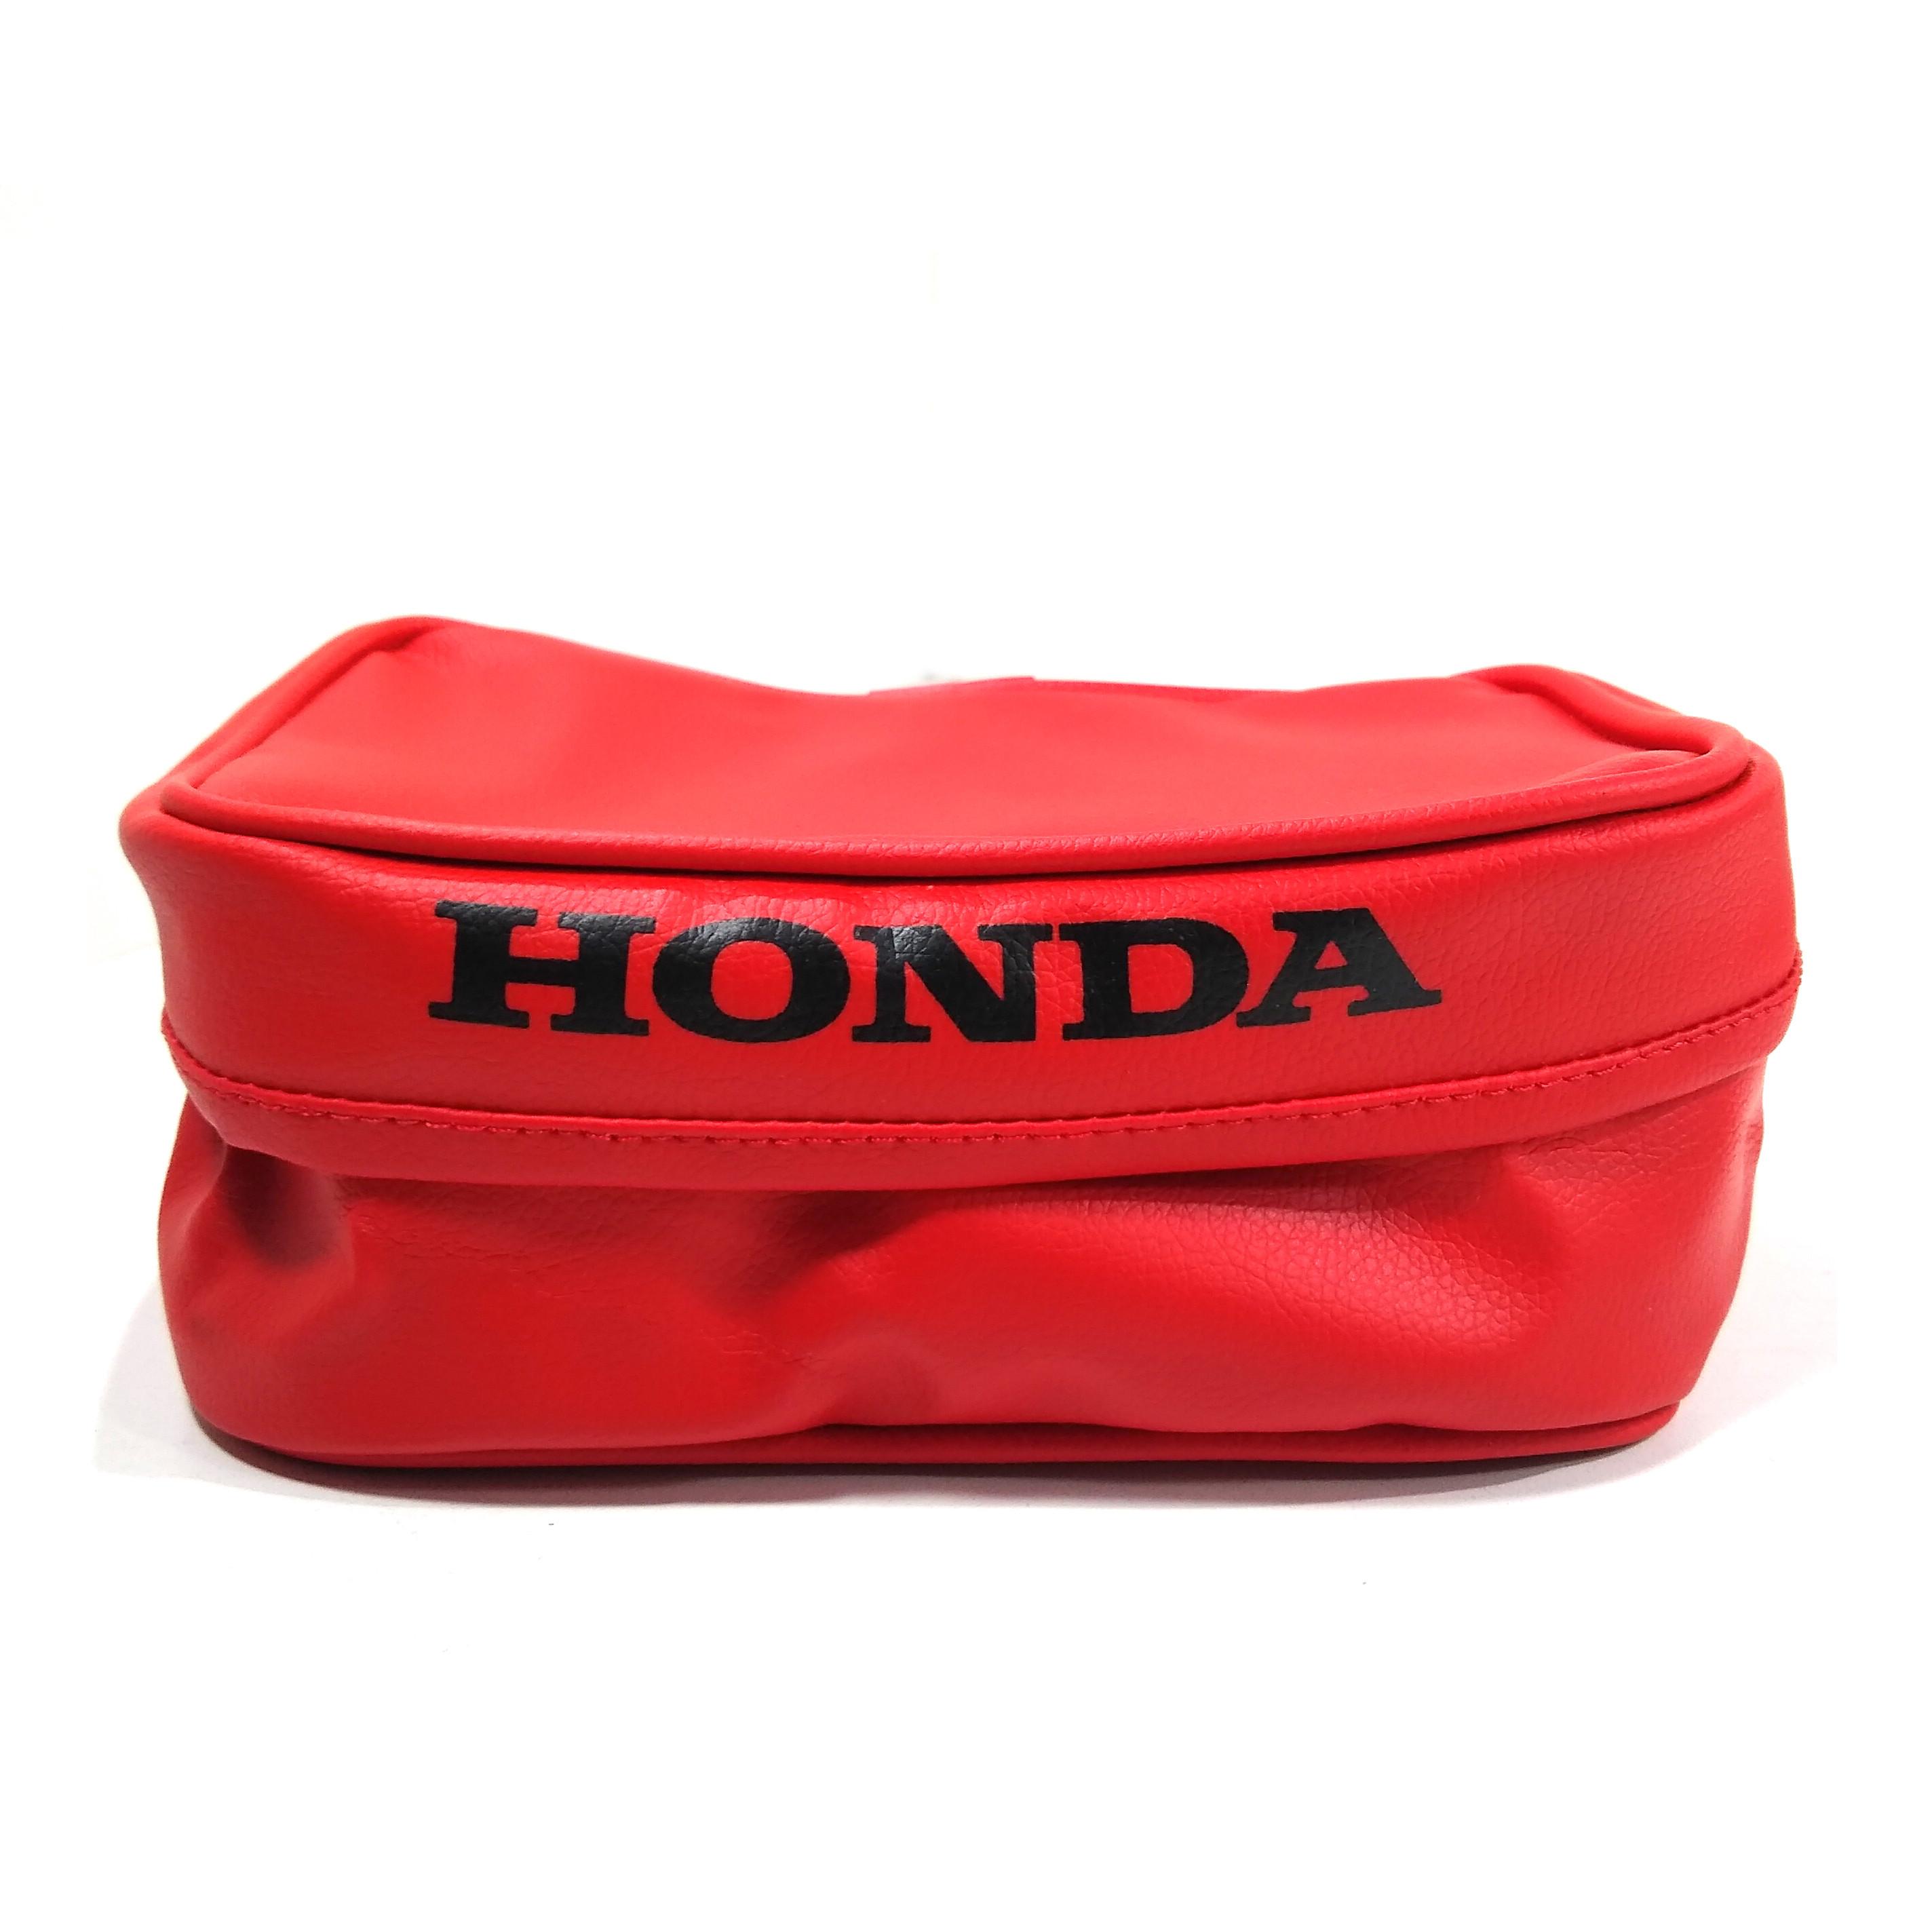 Bolso Porta Herramientas Honda Rojo